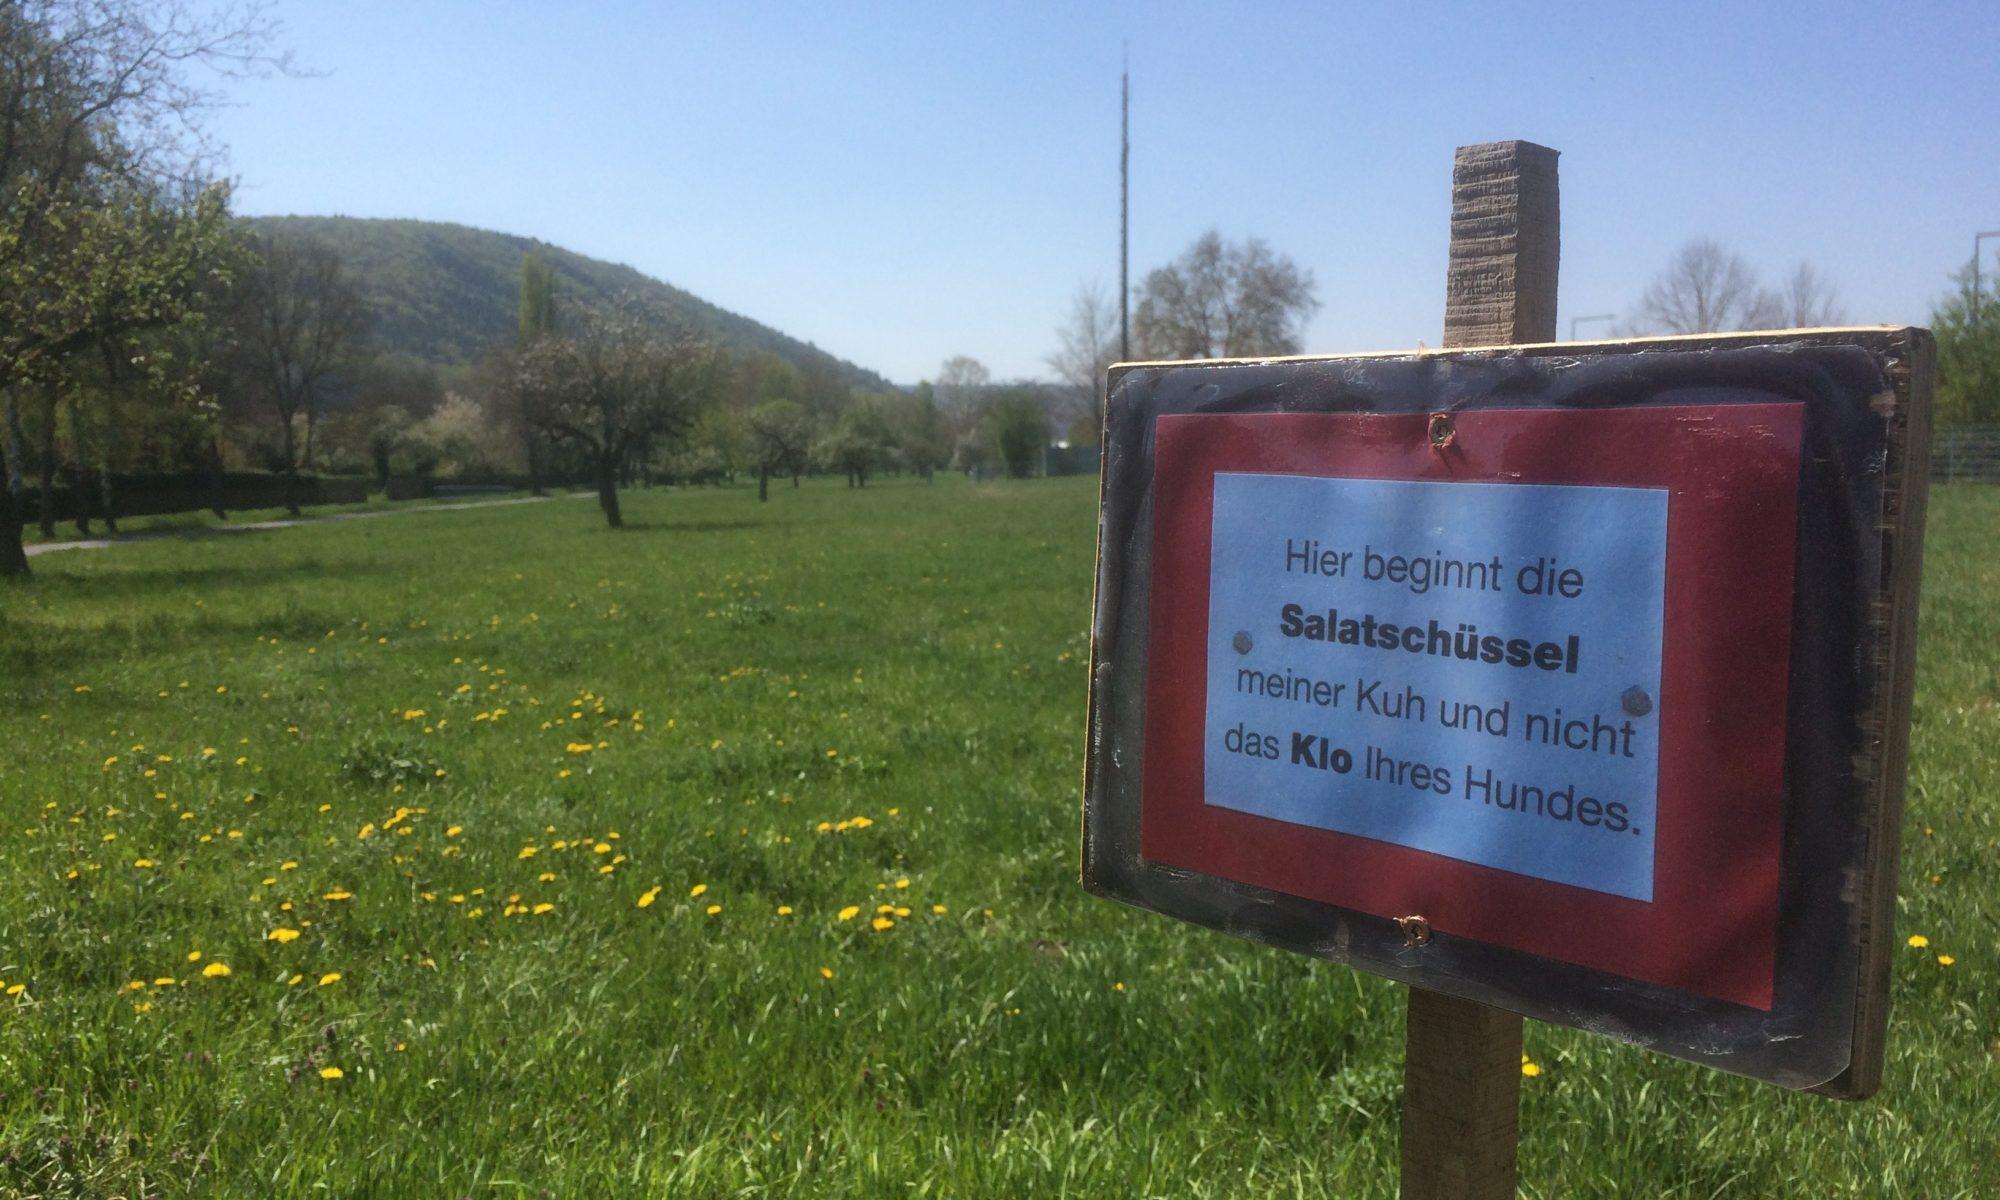 Weide und nicht Hundeklo an der Schleuse Steinbach. | Foto: B. Schneider